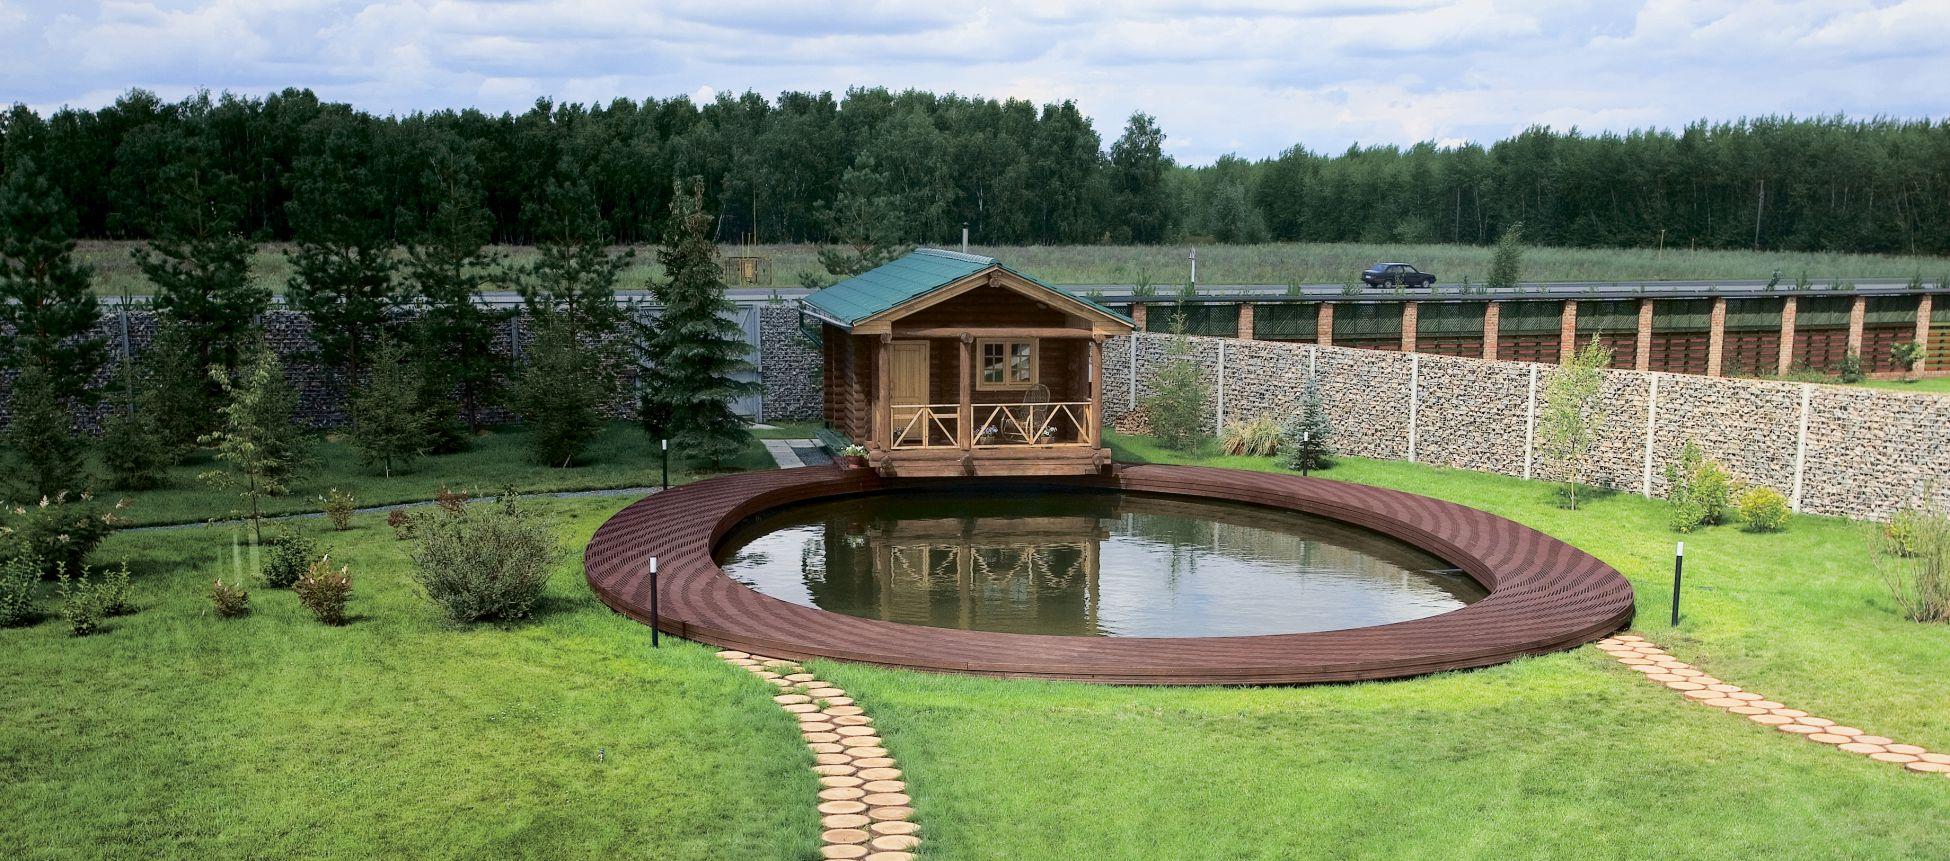 Пристрой бани к дому: какой может быть пристроенная баня, нужно ли разрешение, где его брать и много другого, вплоть до террасы, пристроенной к дому, и патио у бани